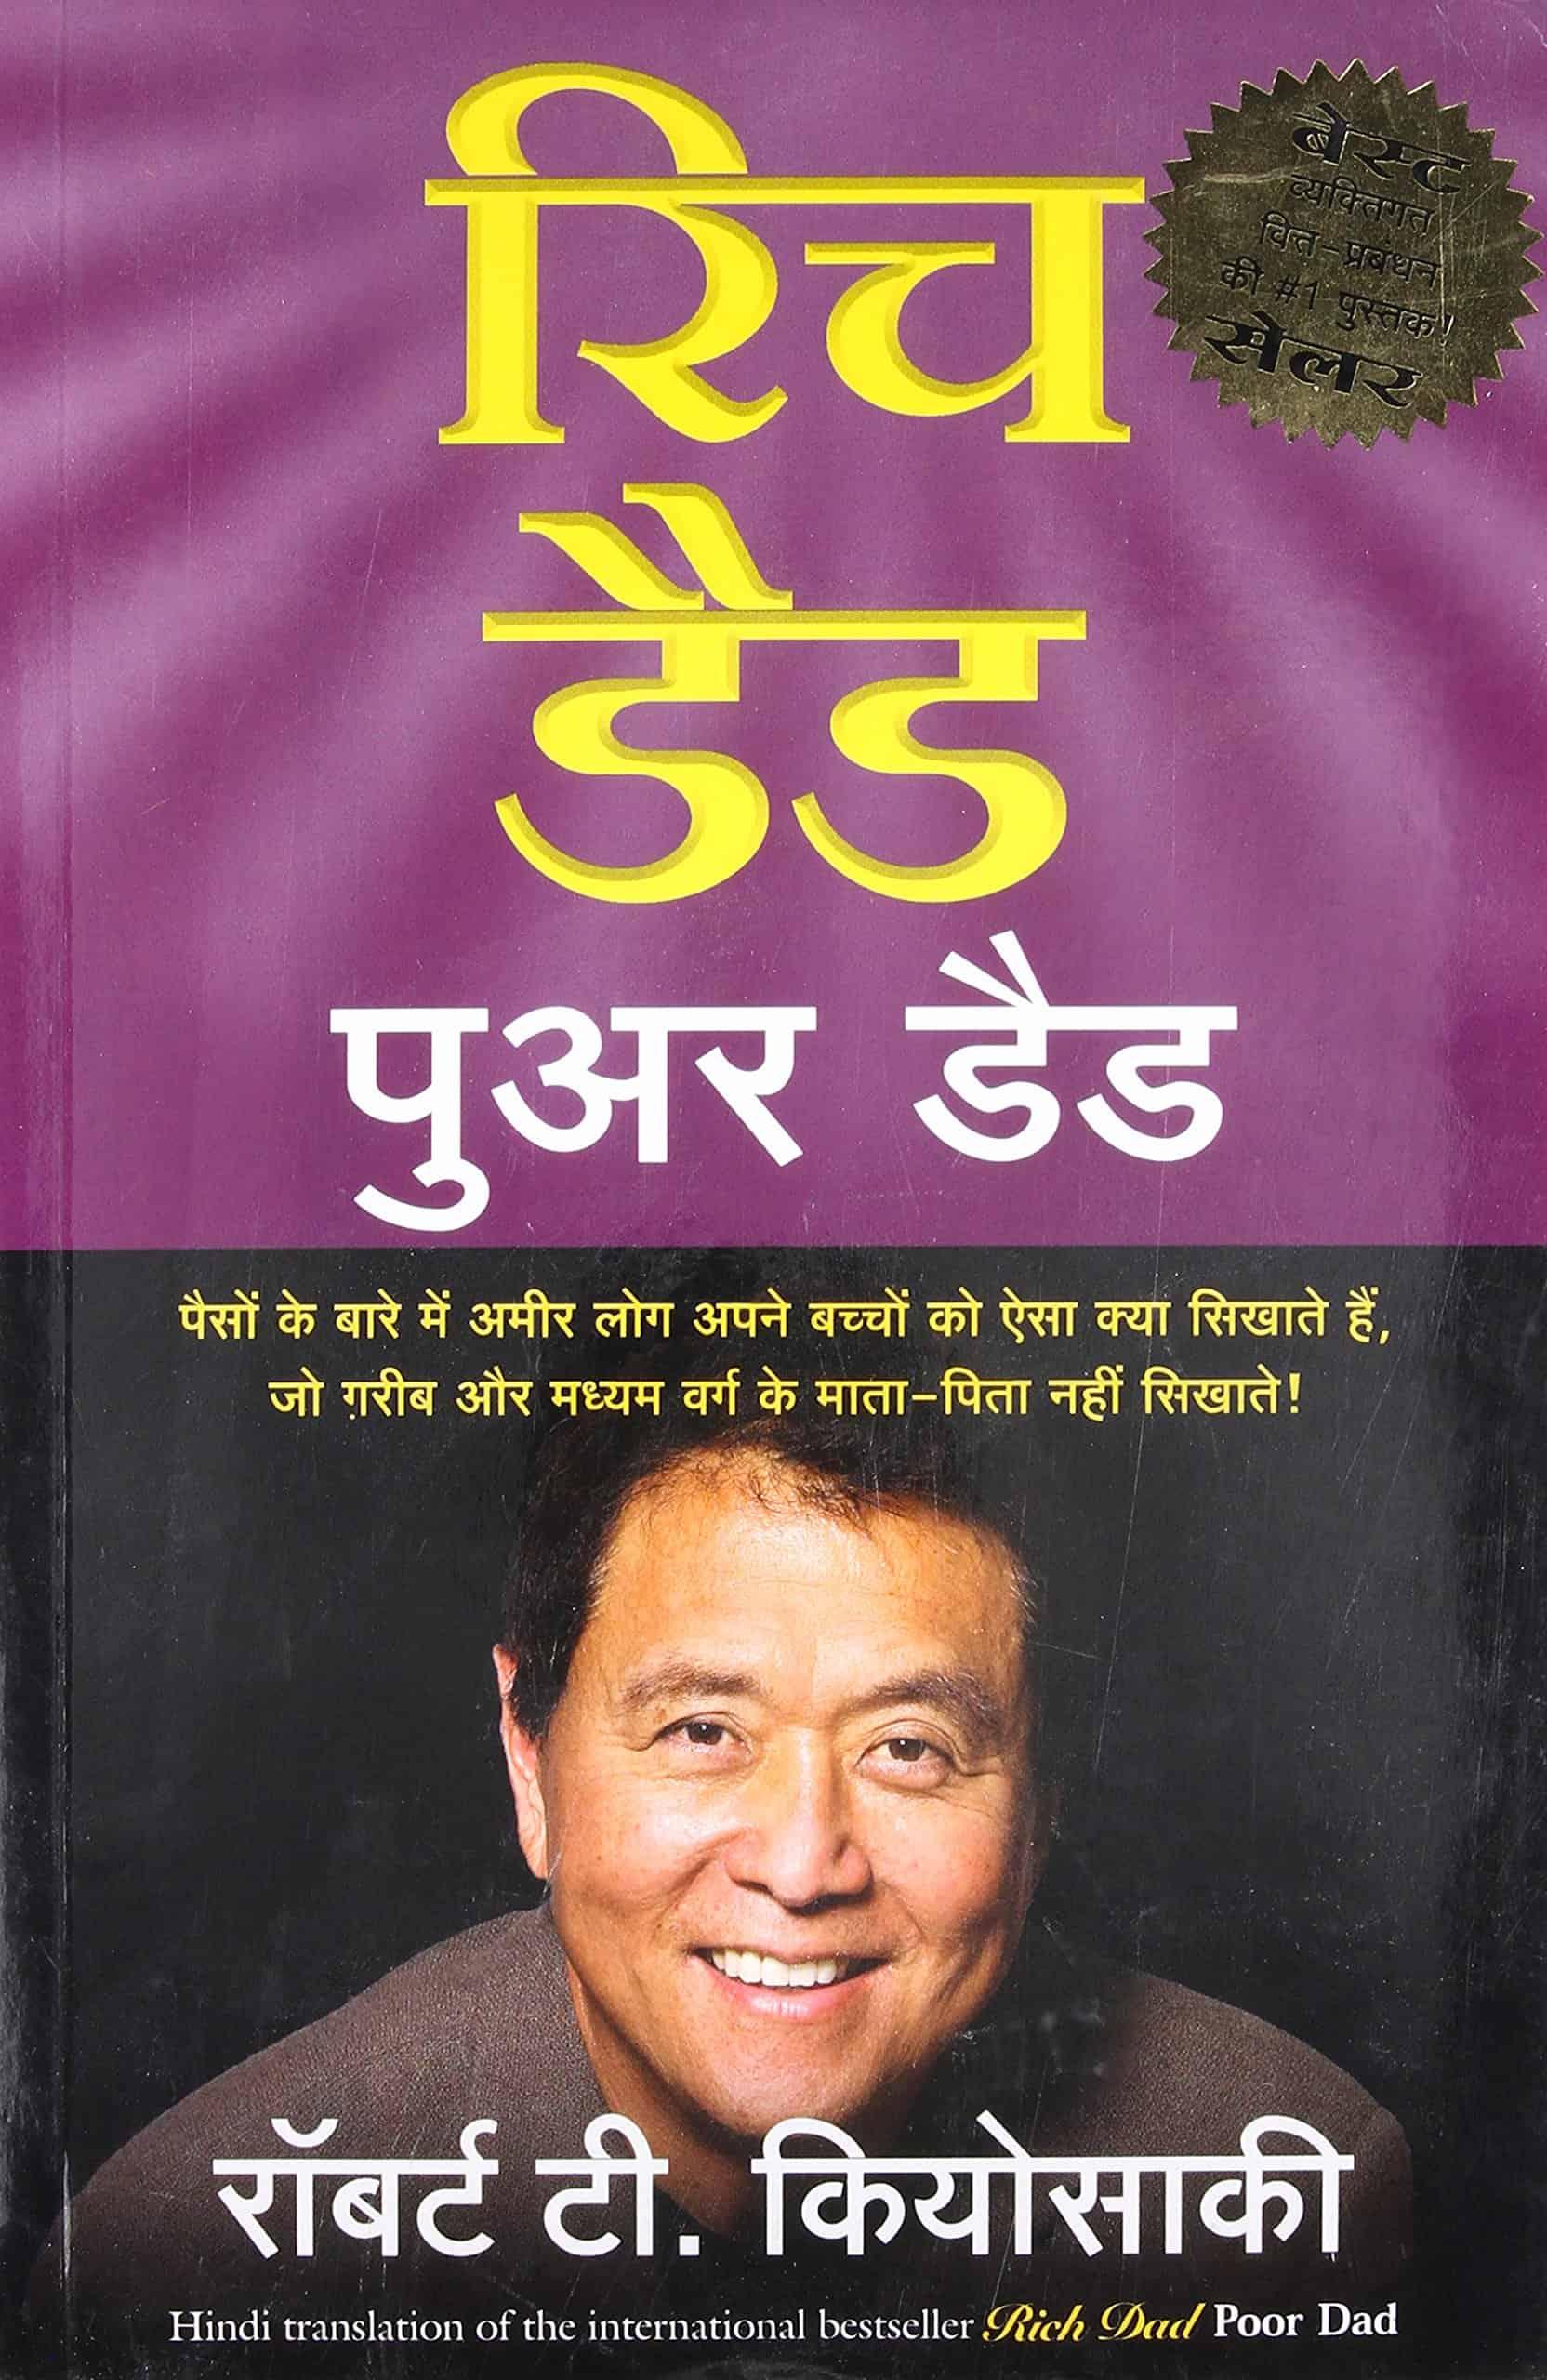 rich dad poor dad in hindi free download